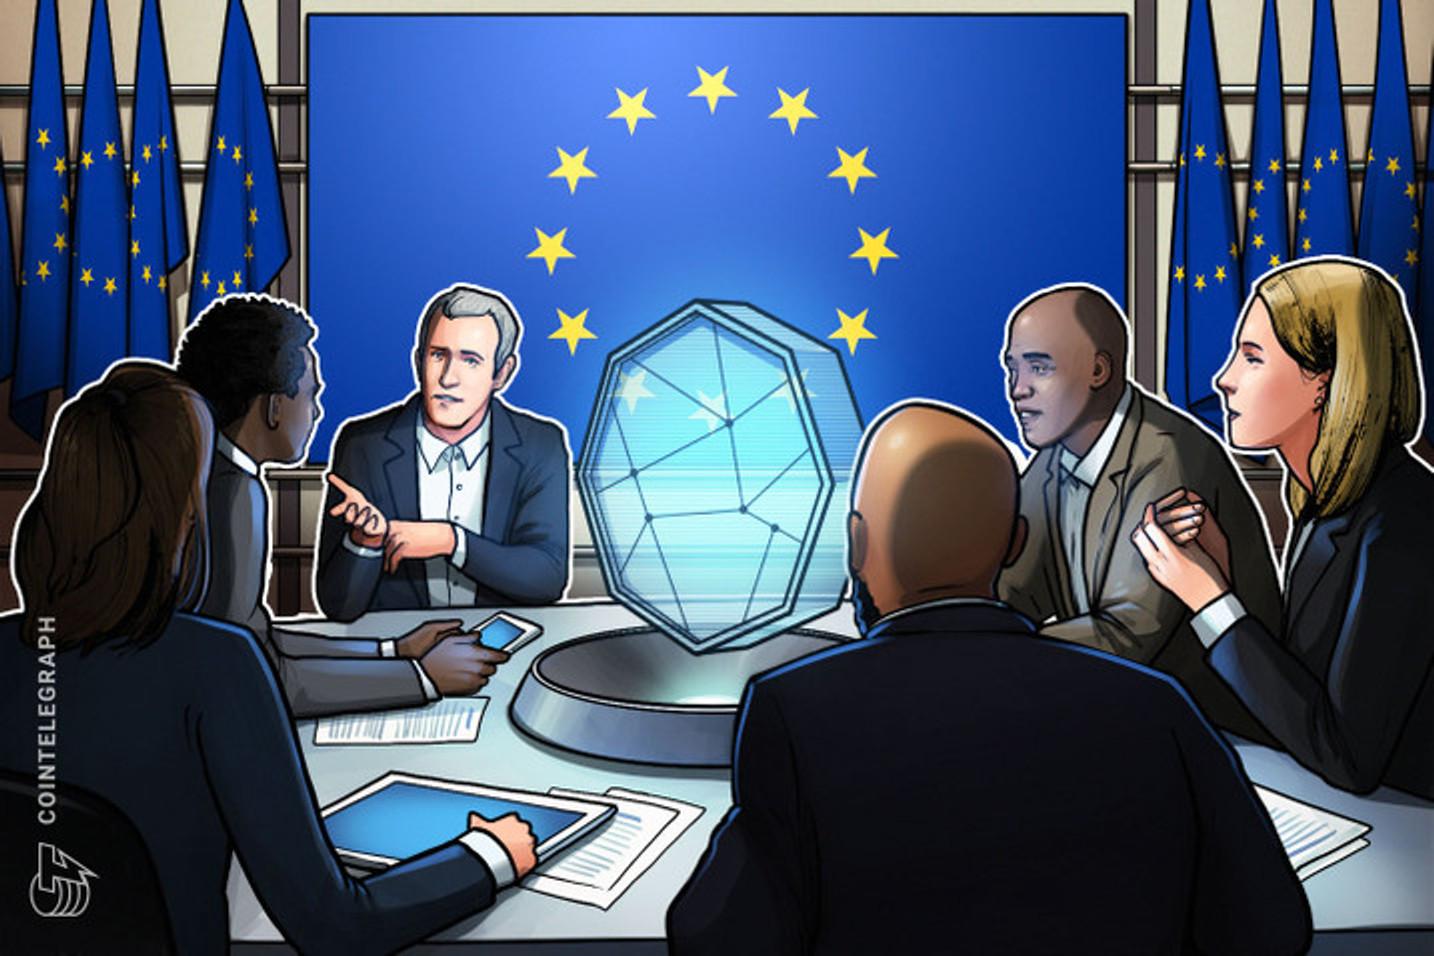 La Unión Europea crearía un organismo para supervisar monedas digitales